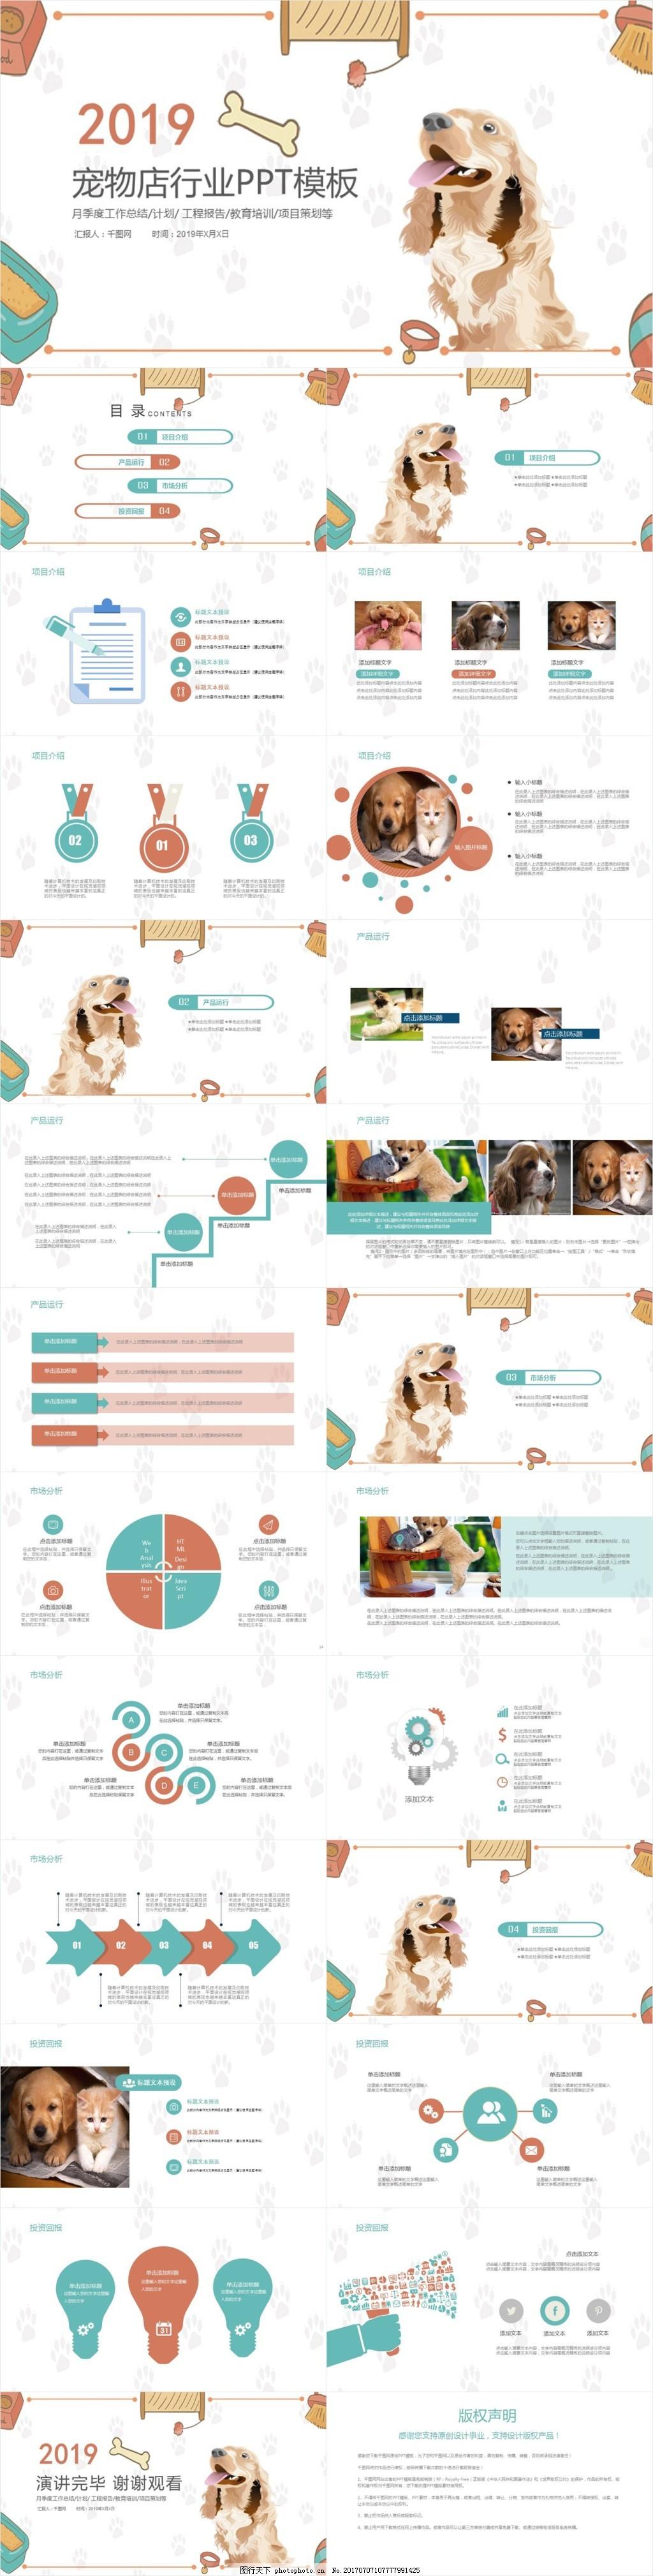 宠物店可爱宠物萌物风格PPT模板,宠物ppt,宠物医院,宠物俱乐部,宠物美容,宠物托管,宠物寄养